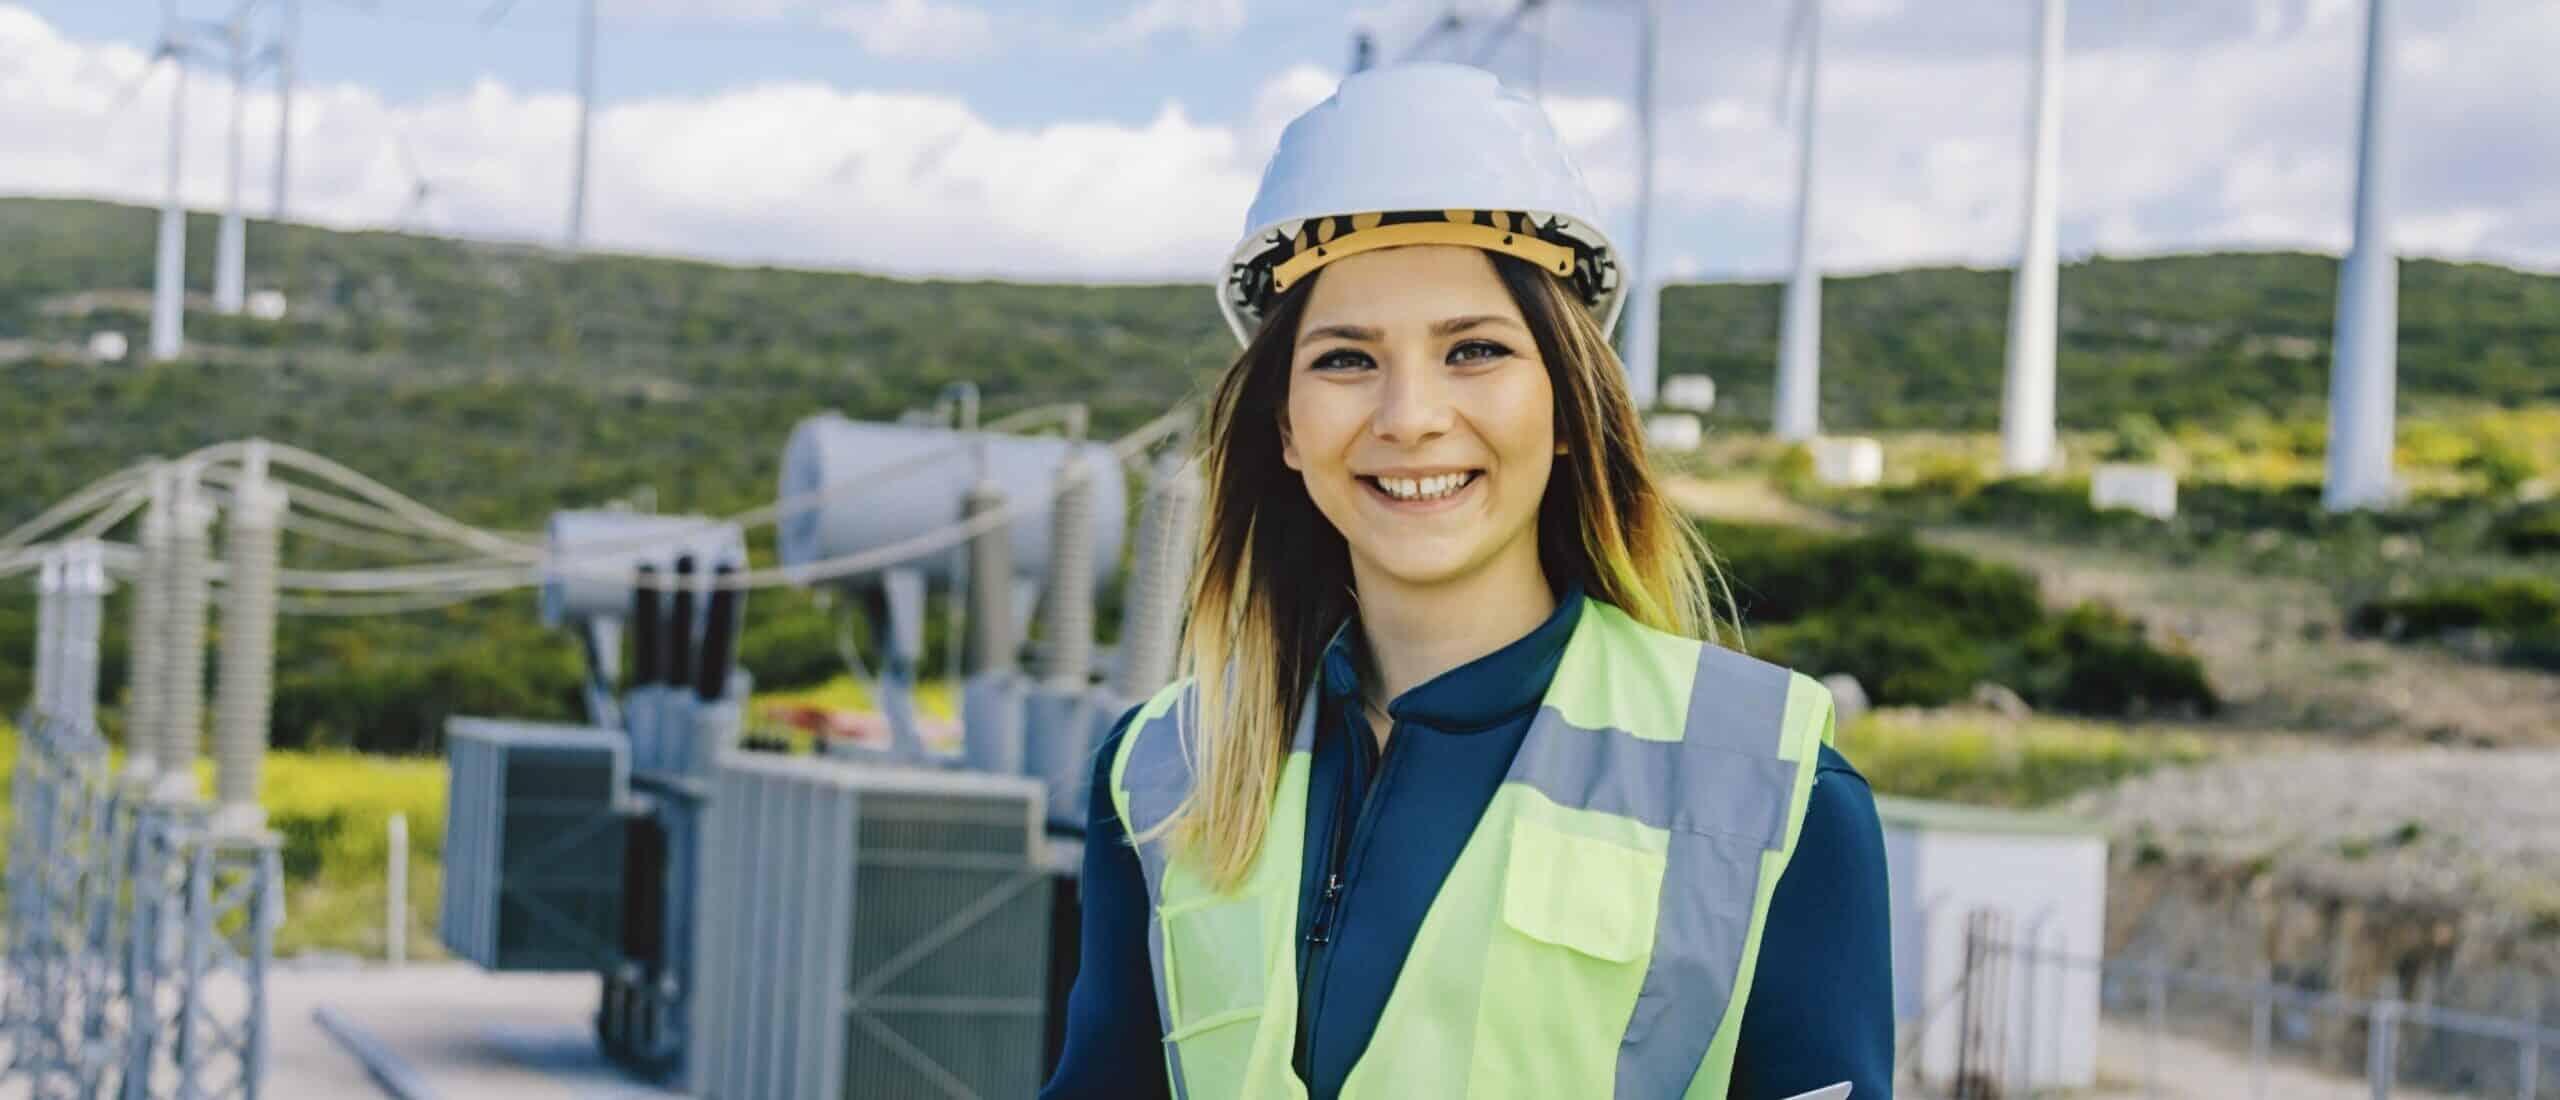 municipal utility sustainable energy initiatives hero